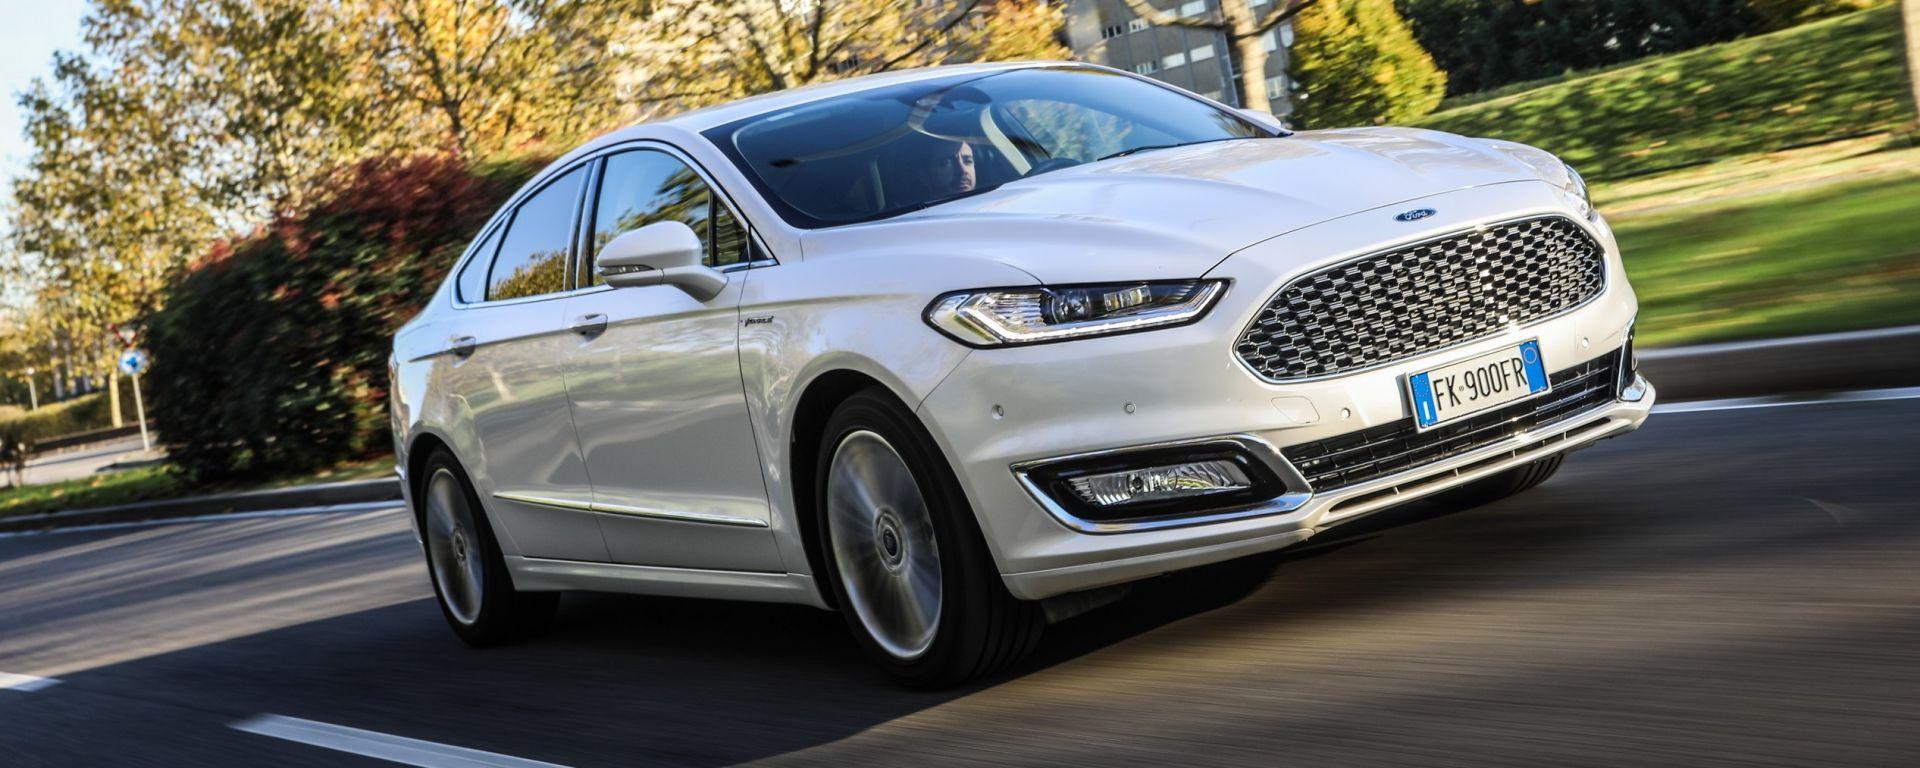 Ford: la Mondeo non sparisce, ma cambia